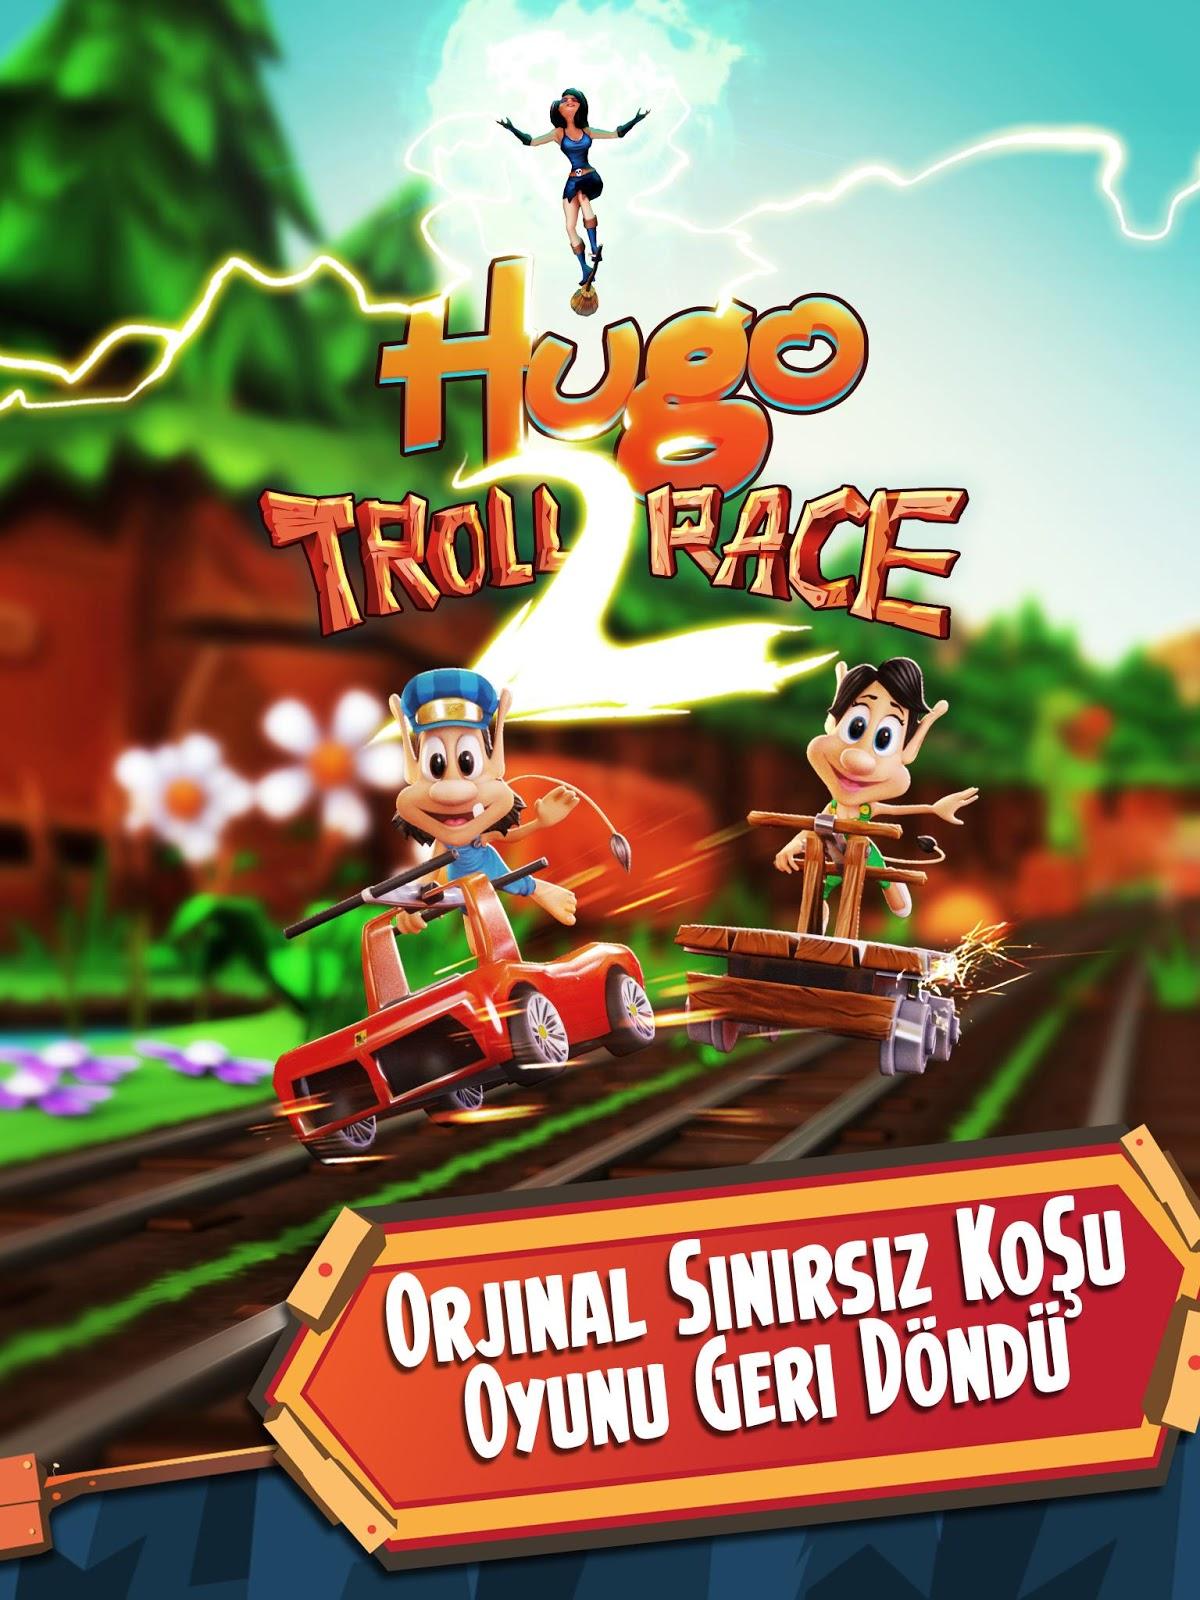 Hugo Troll Race 2 Hileli APK - Altın Hileli APK